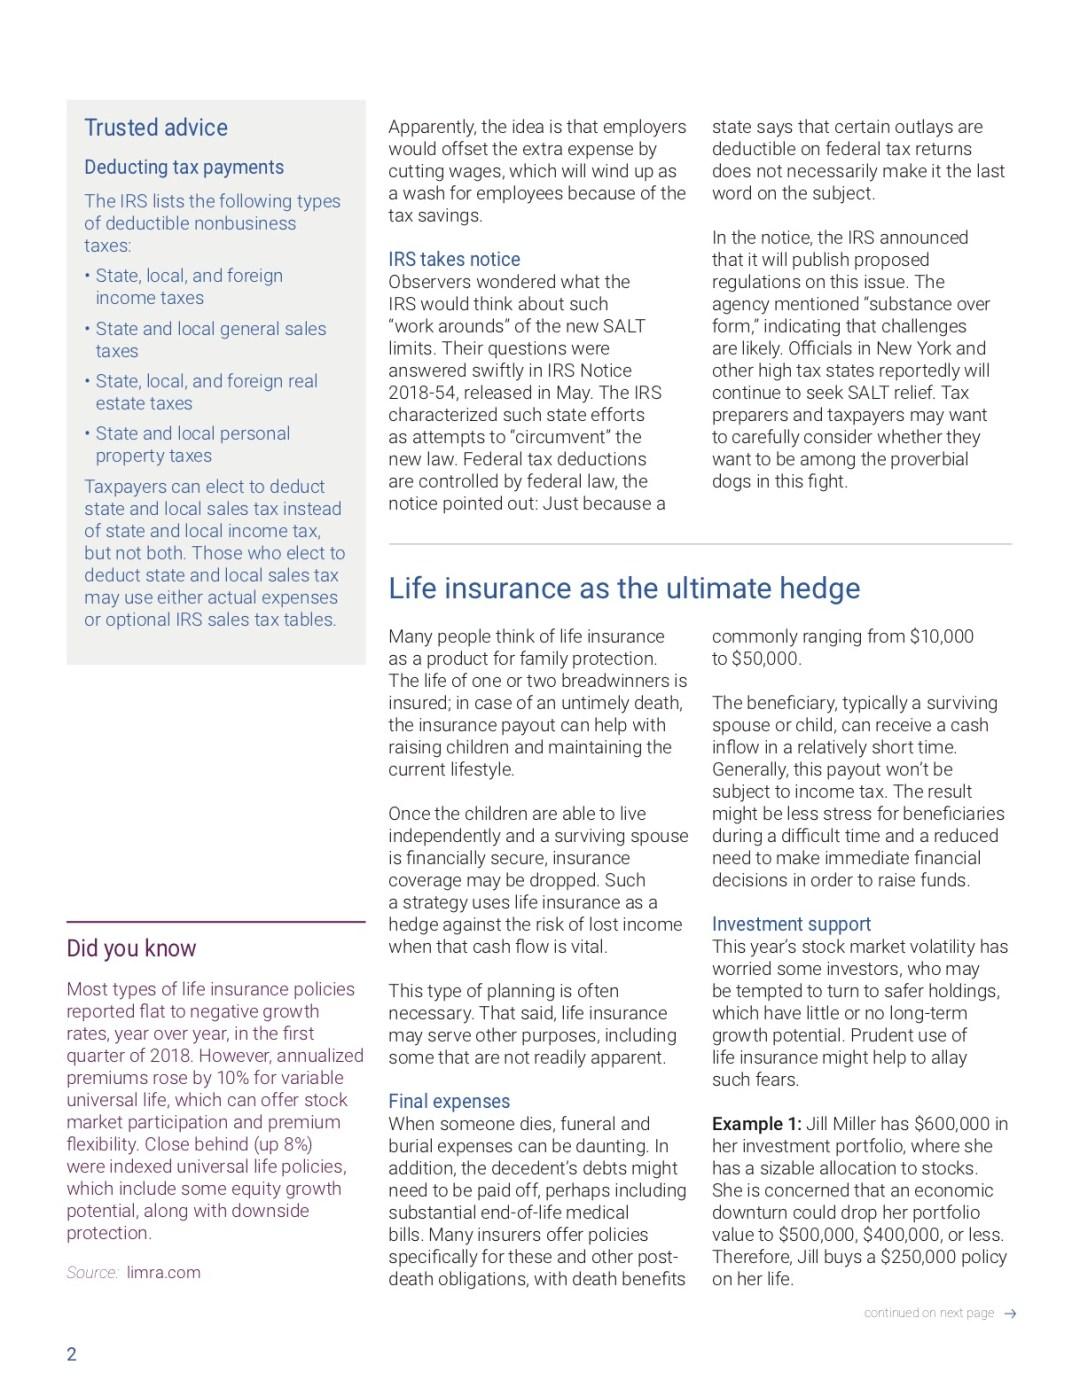 SALT, life insurance, tax calendar